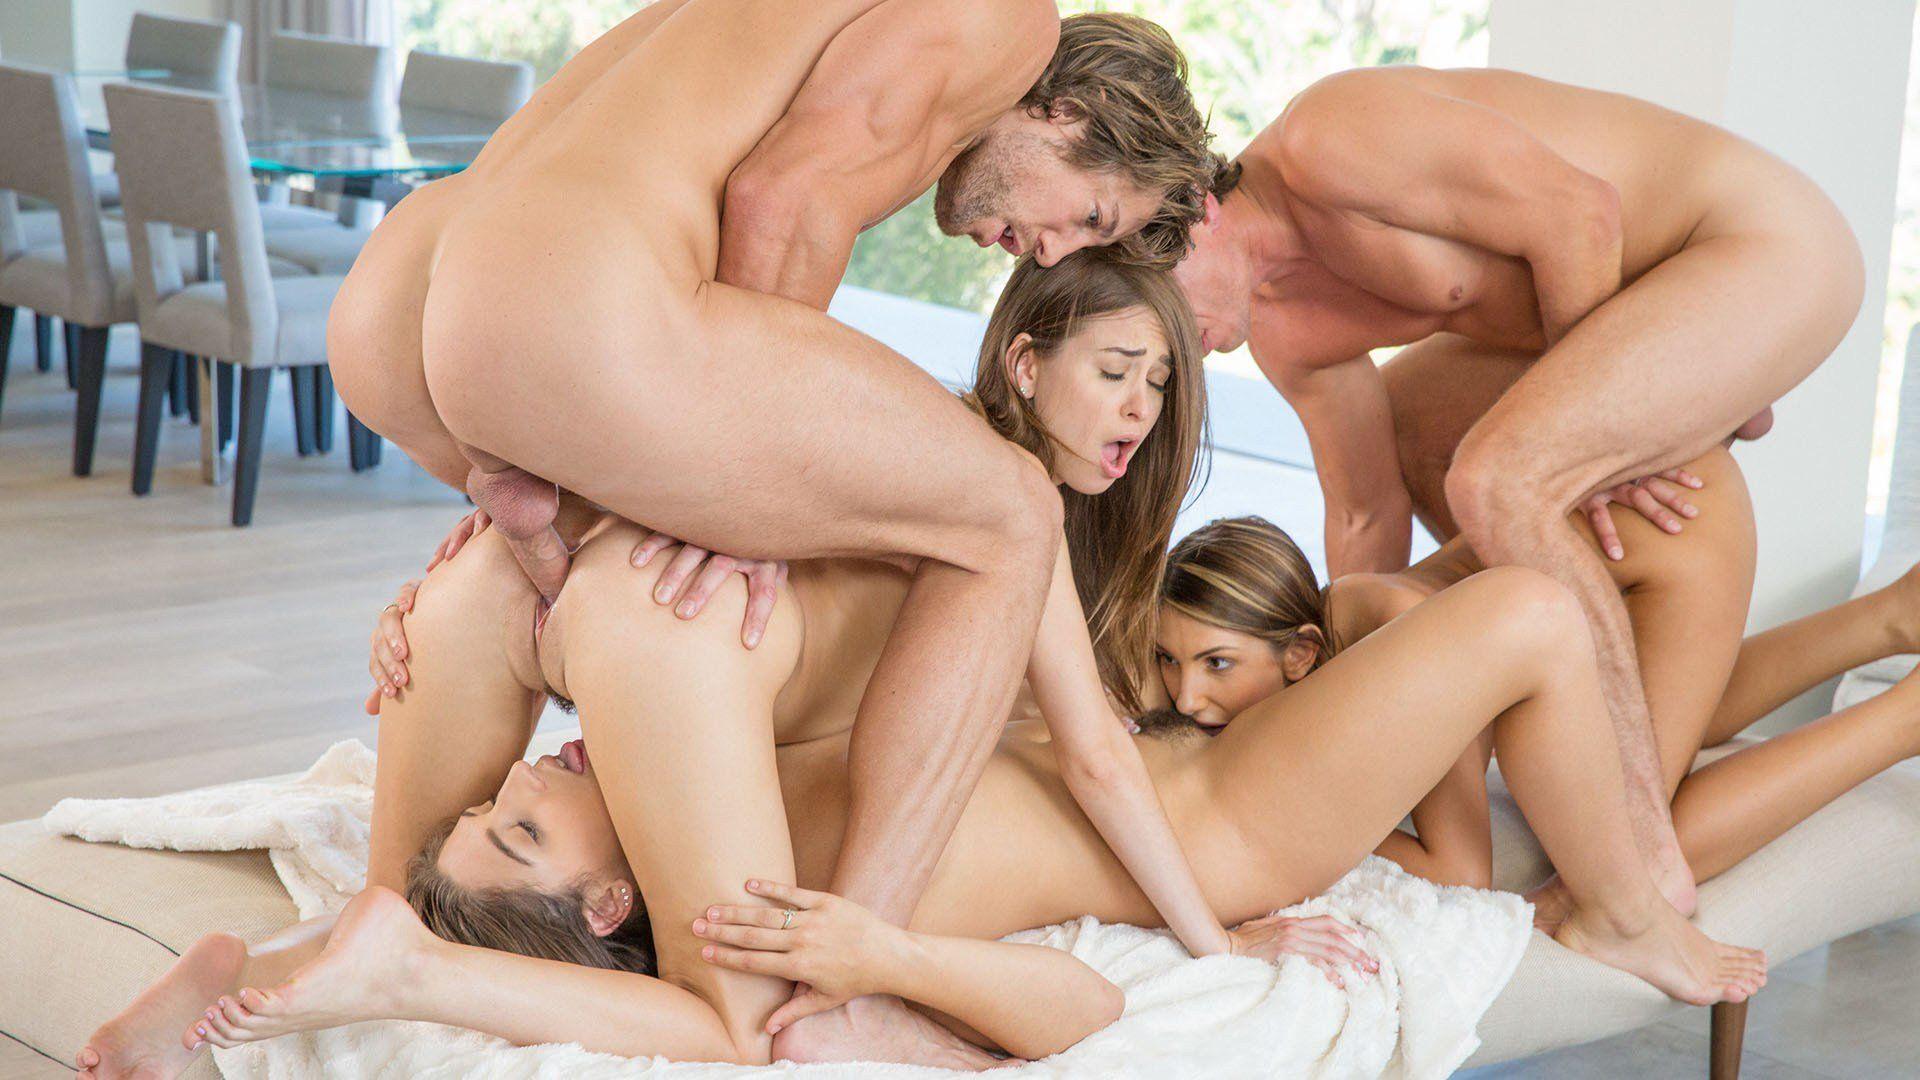 груповый секс фильм